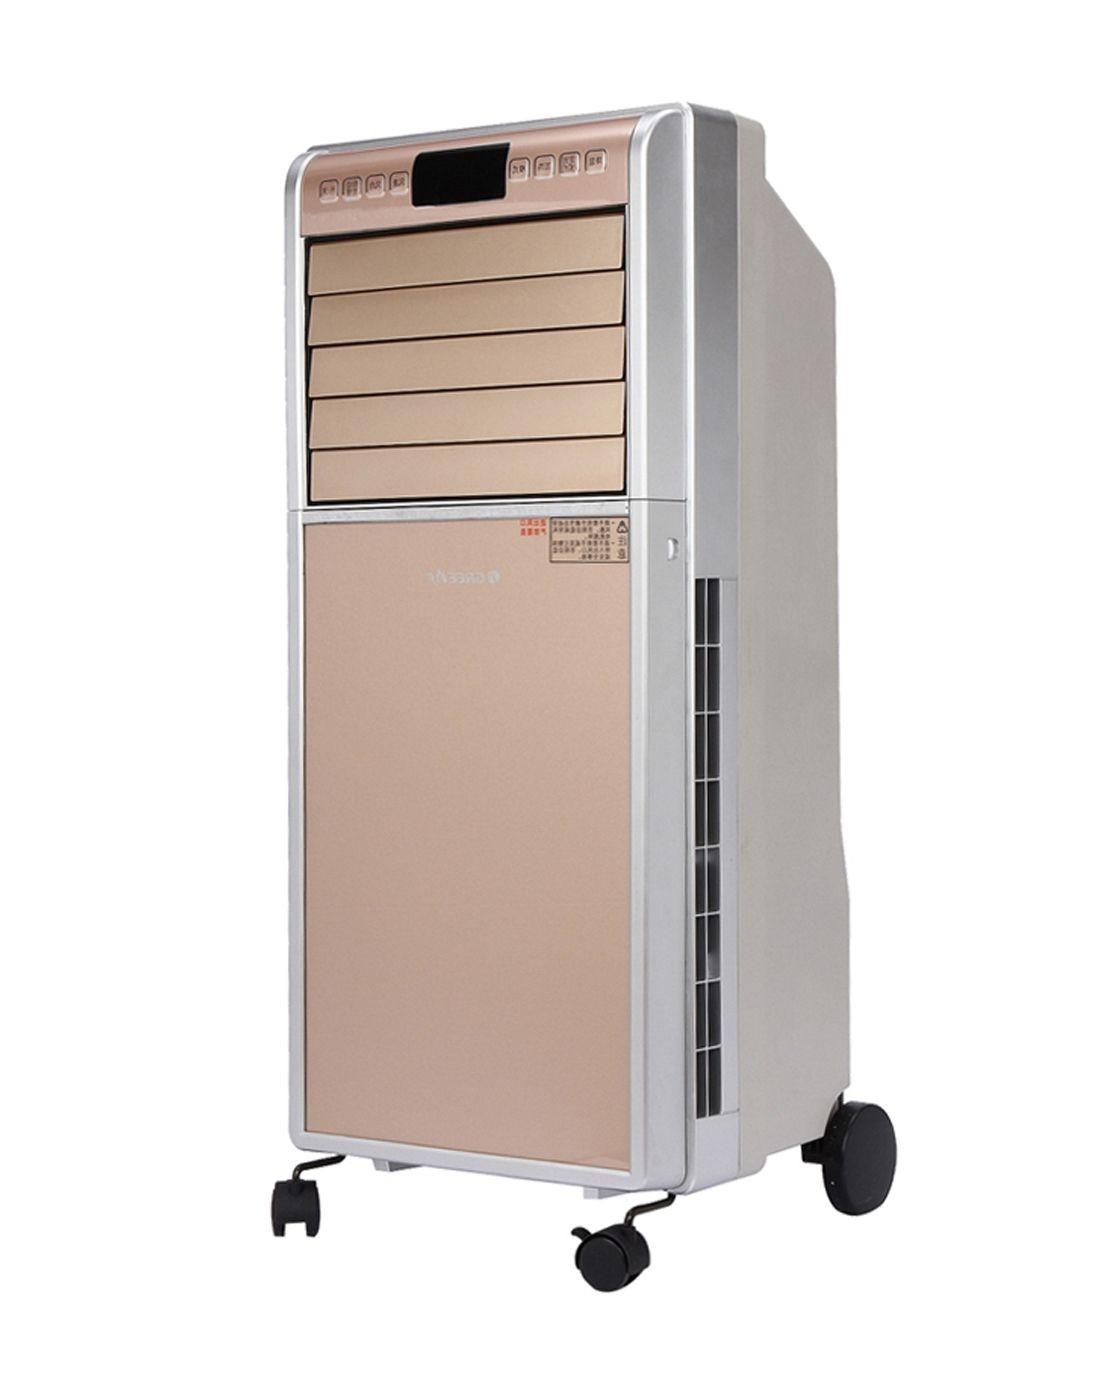 哪个品牌的空调扇好—好品牌的空调扇推荐